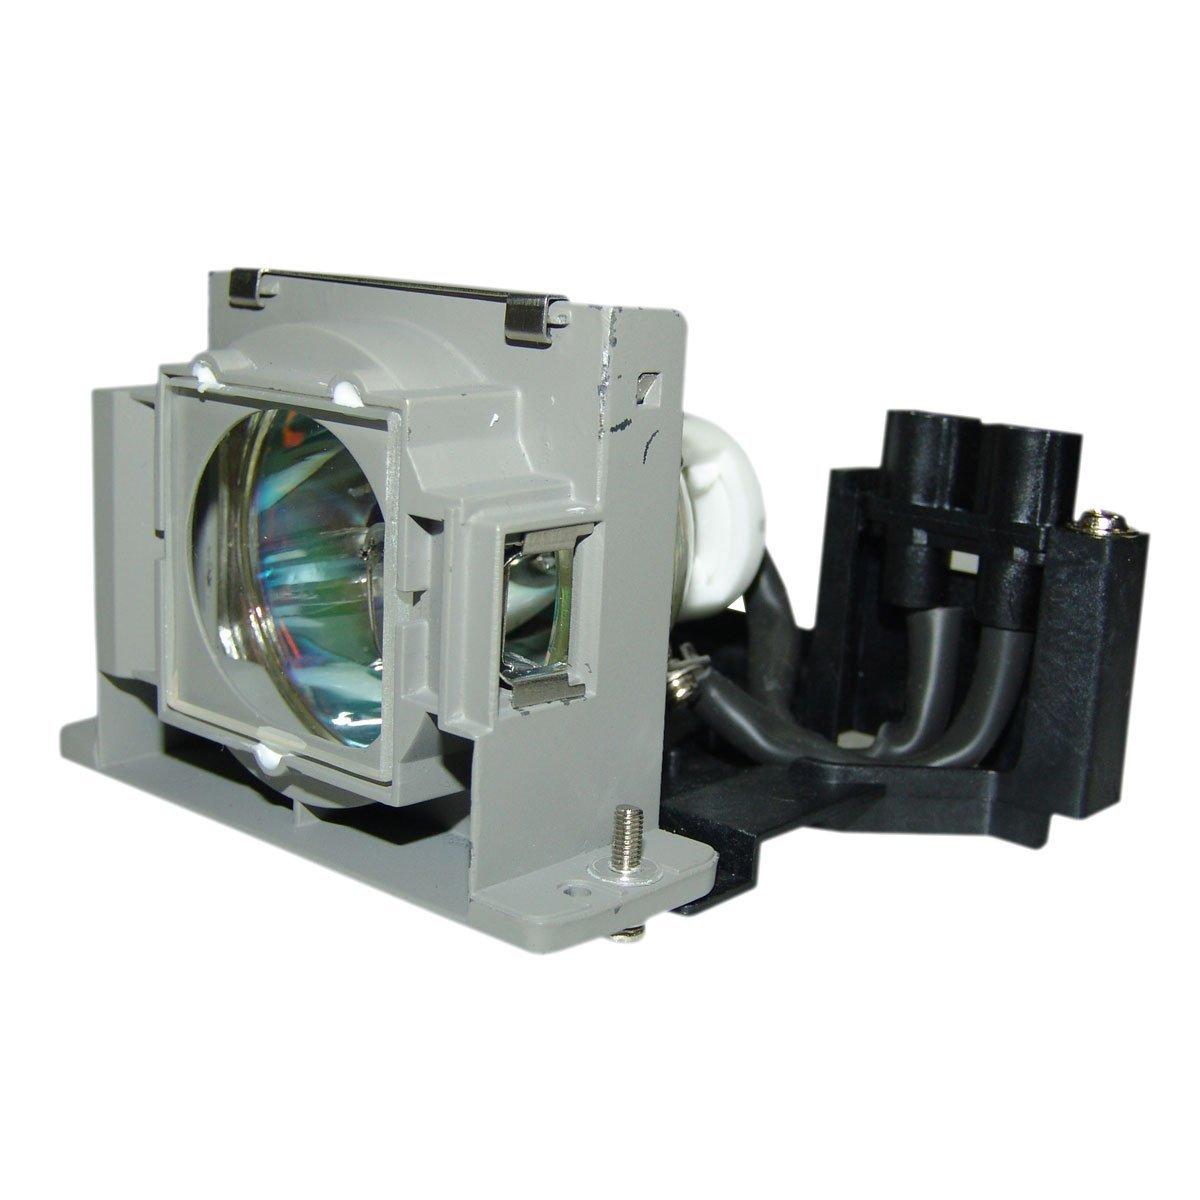 Projector Lamp Bulb VLT-EX100LP VLTEX100LP for Mitsubishi ES10U EX100U with housing mitsubishi 100